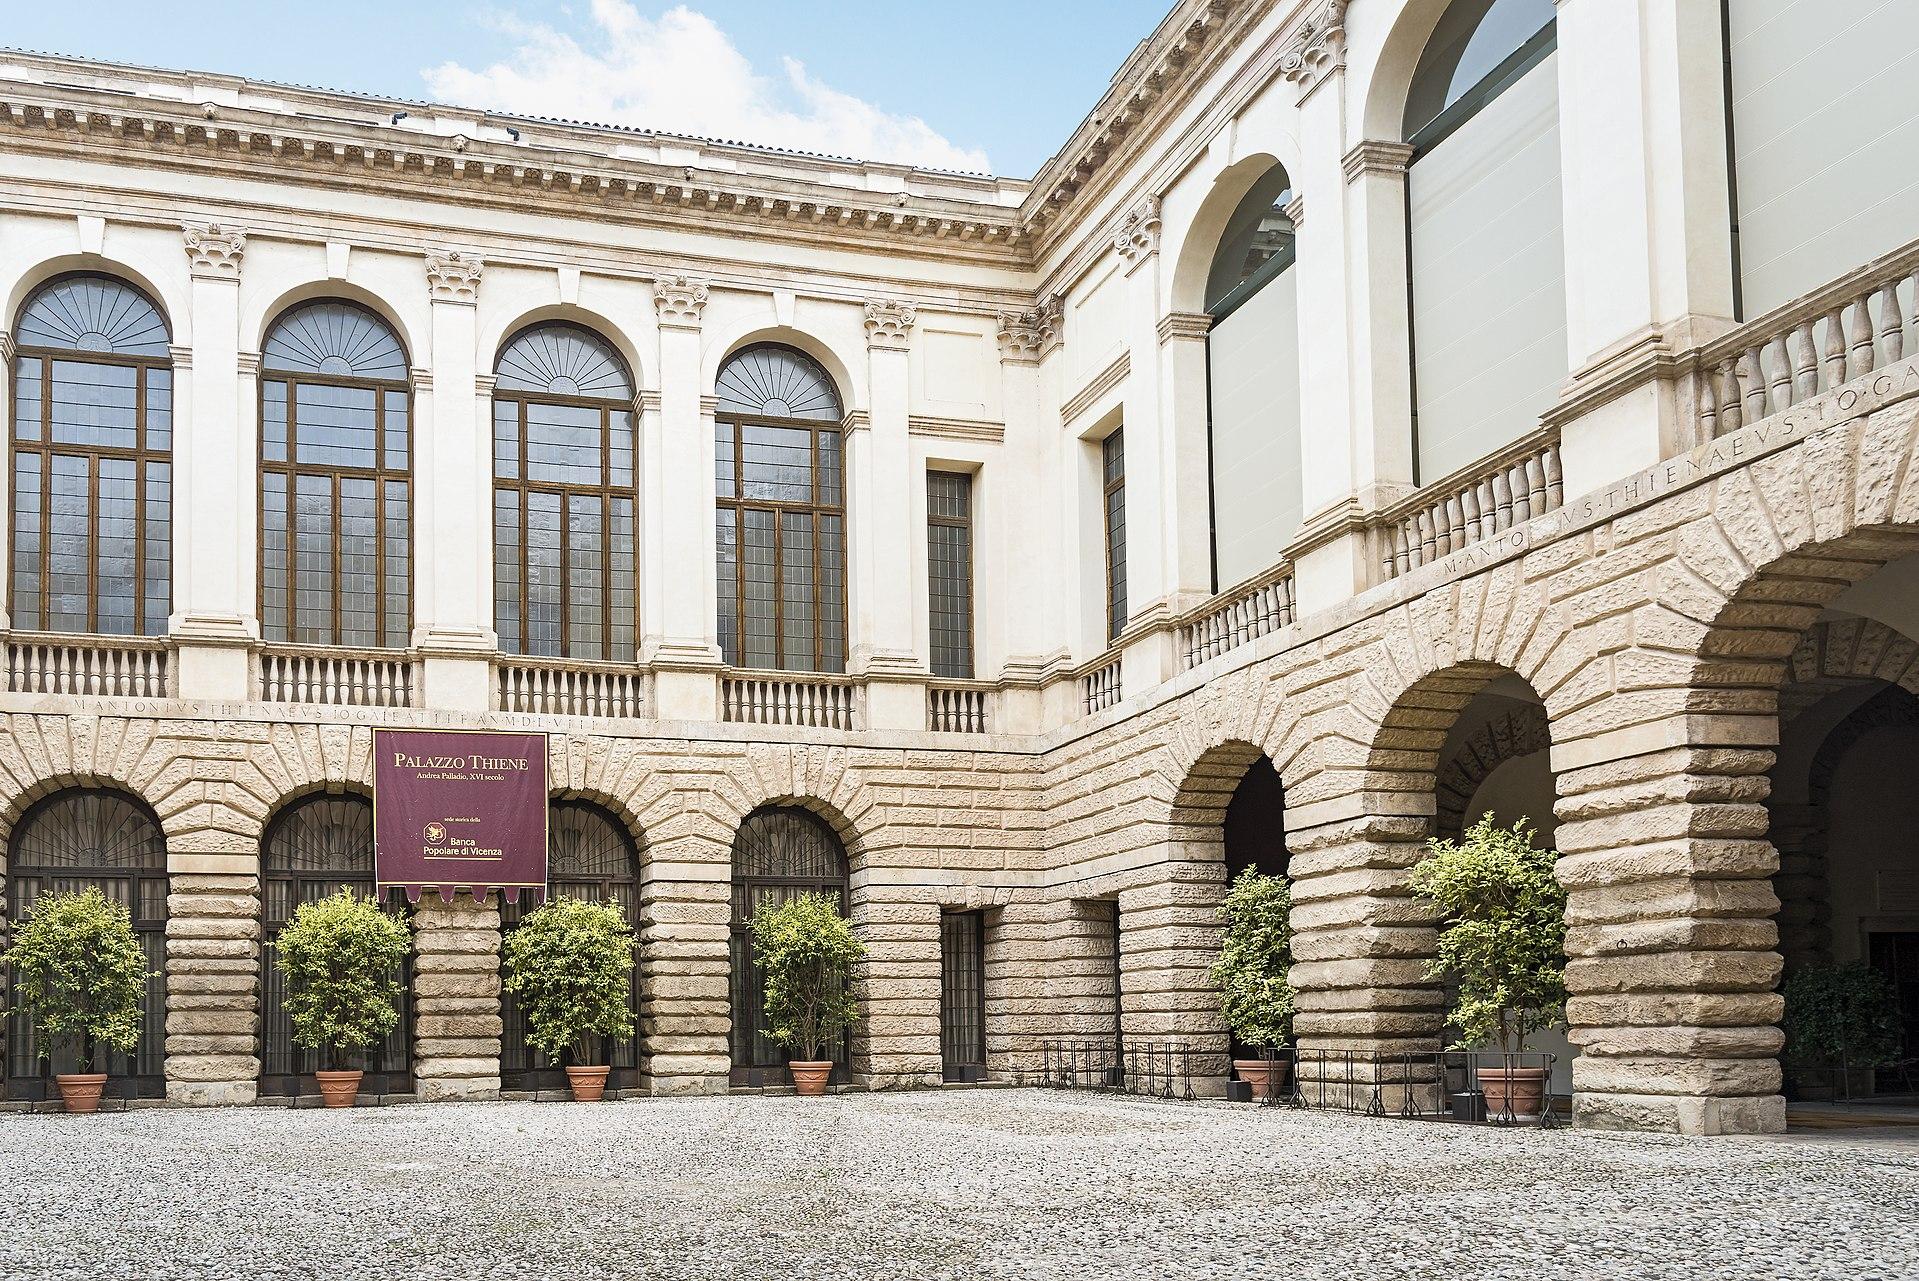 A Palazzo Thiene belső udvara.<br /><br />Kép: Wikimedia Commons / Didier Descouens